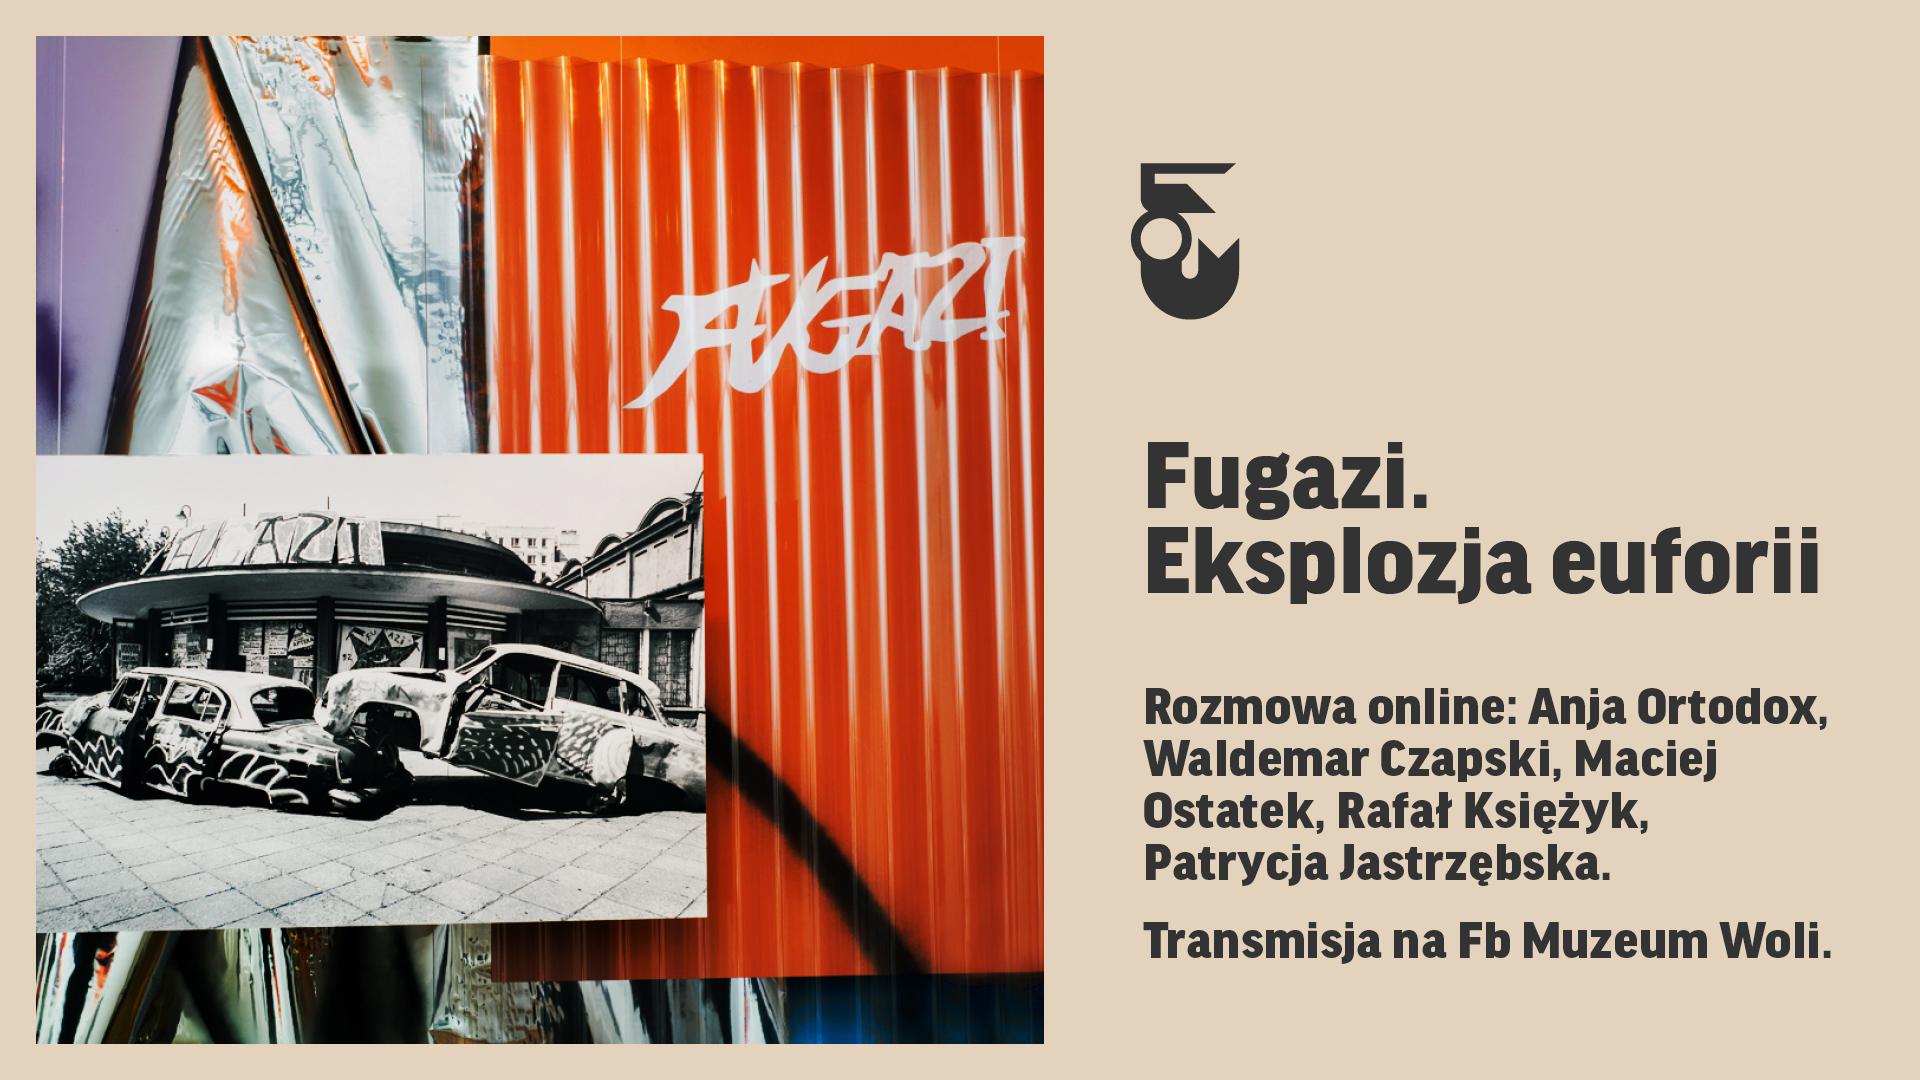 Grafika. Po prawej napis: Fugazi. eksplozja euforii. Po lewej zdjęcie. Srebrno-pomarańczowe tło i zdjęcie dwóch samochodów przed klubem